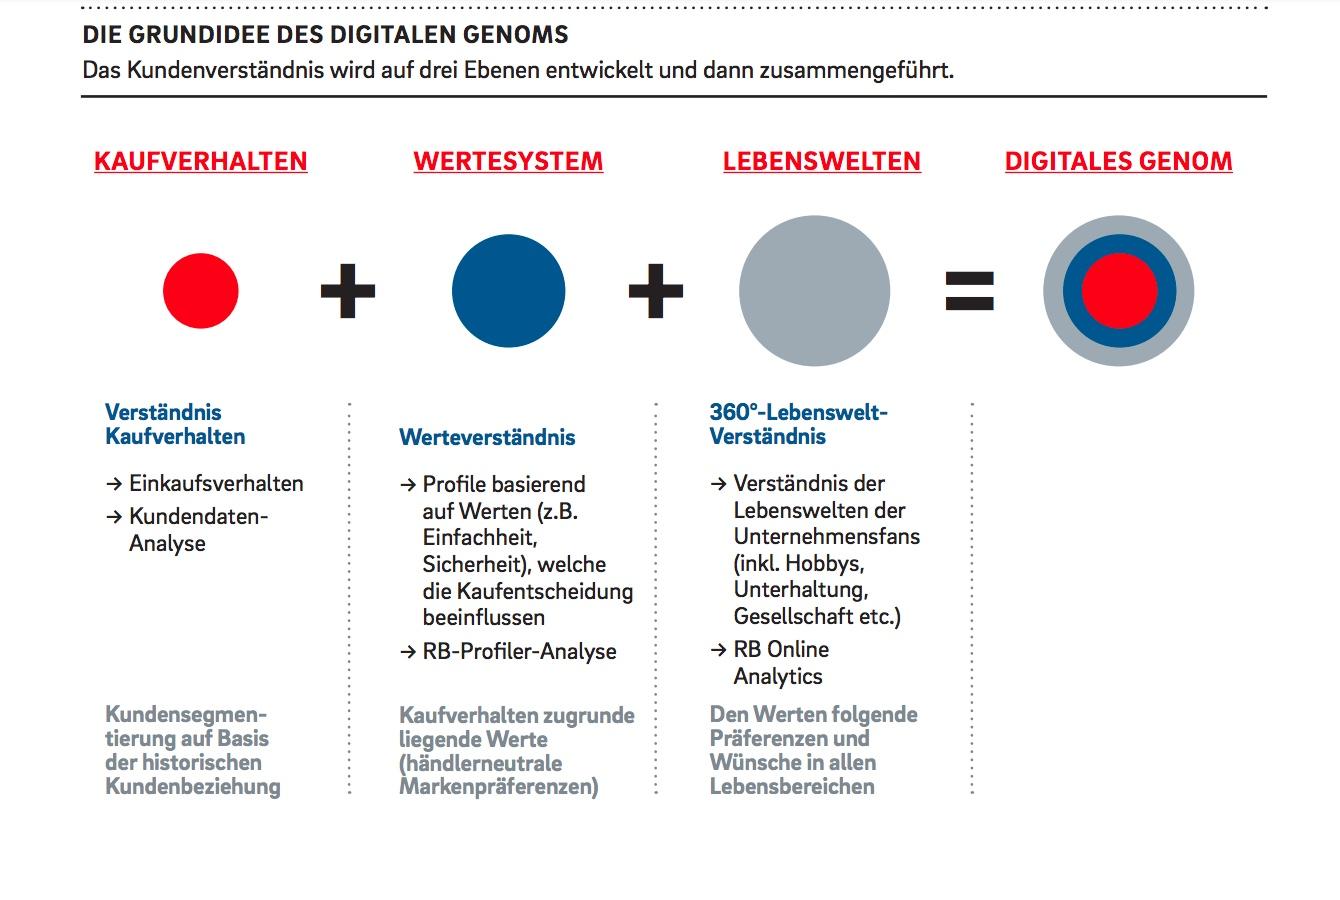 Die Grundidee des digitalen Genoms aus dem Hause Roland Berger.